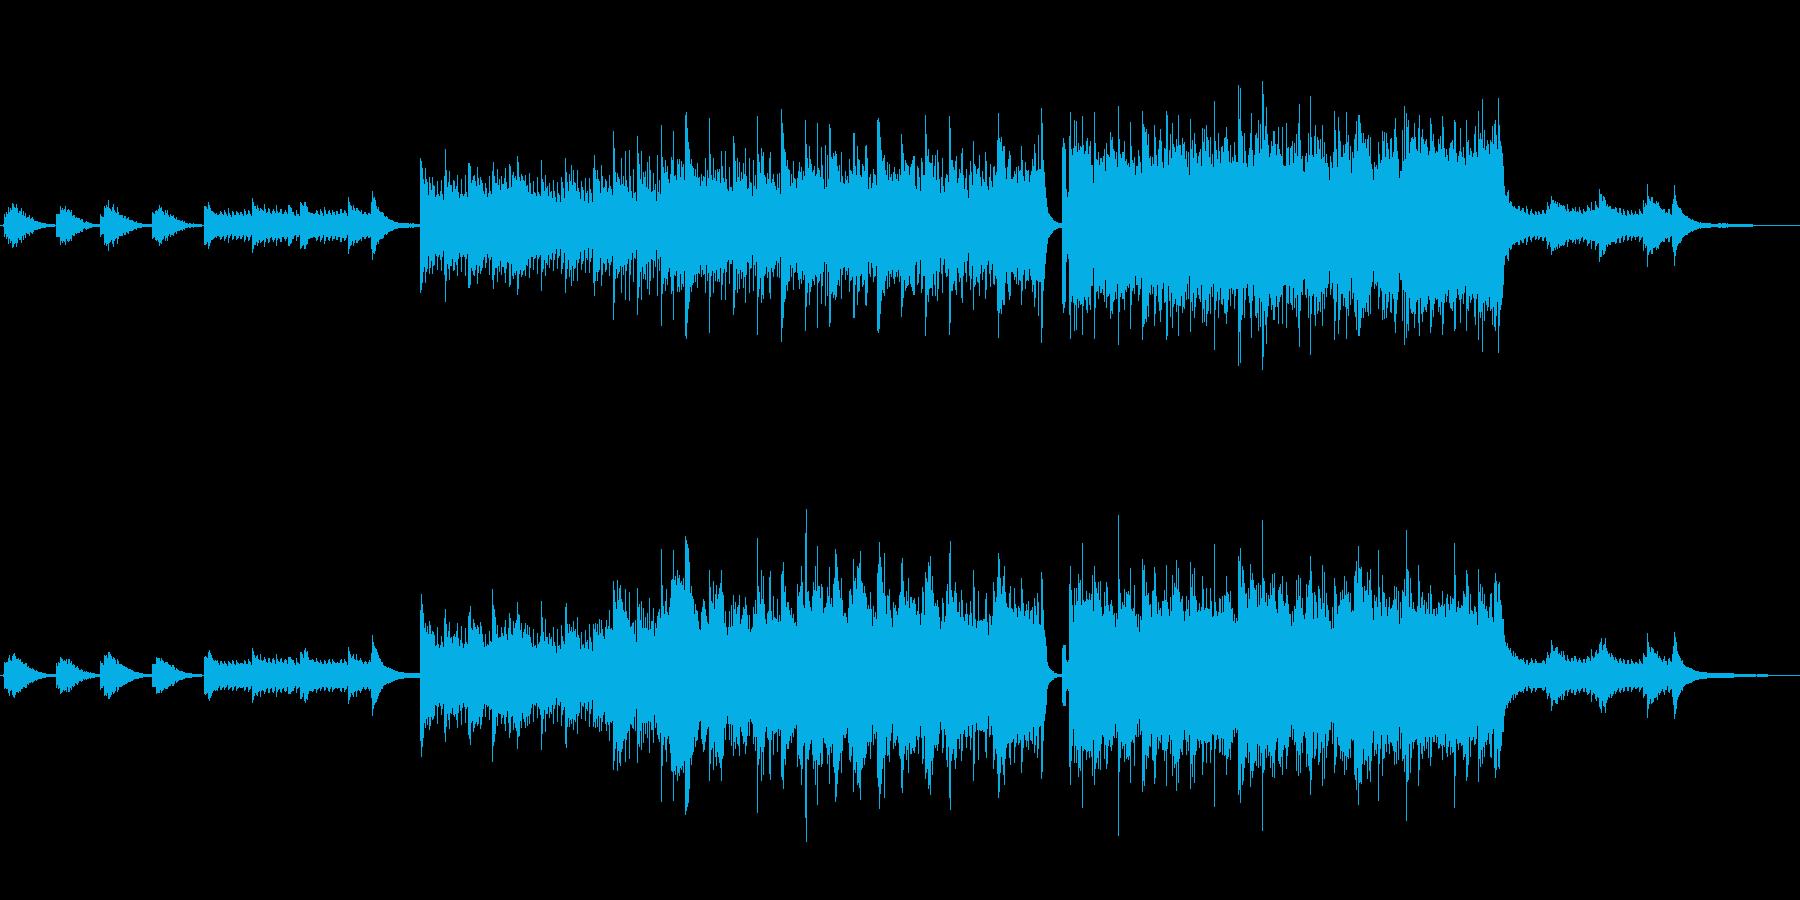 ミステリー:OP・ED用BGM2の再生済みの波形